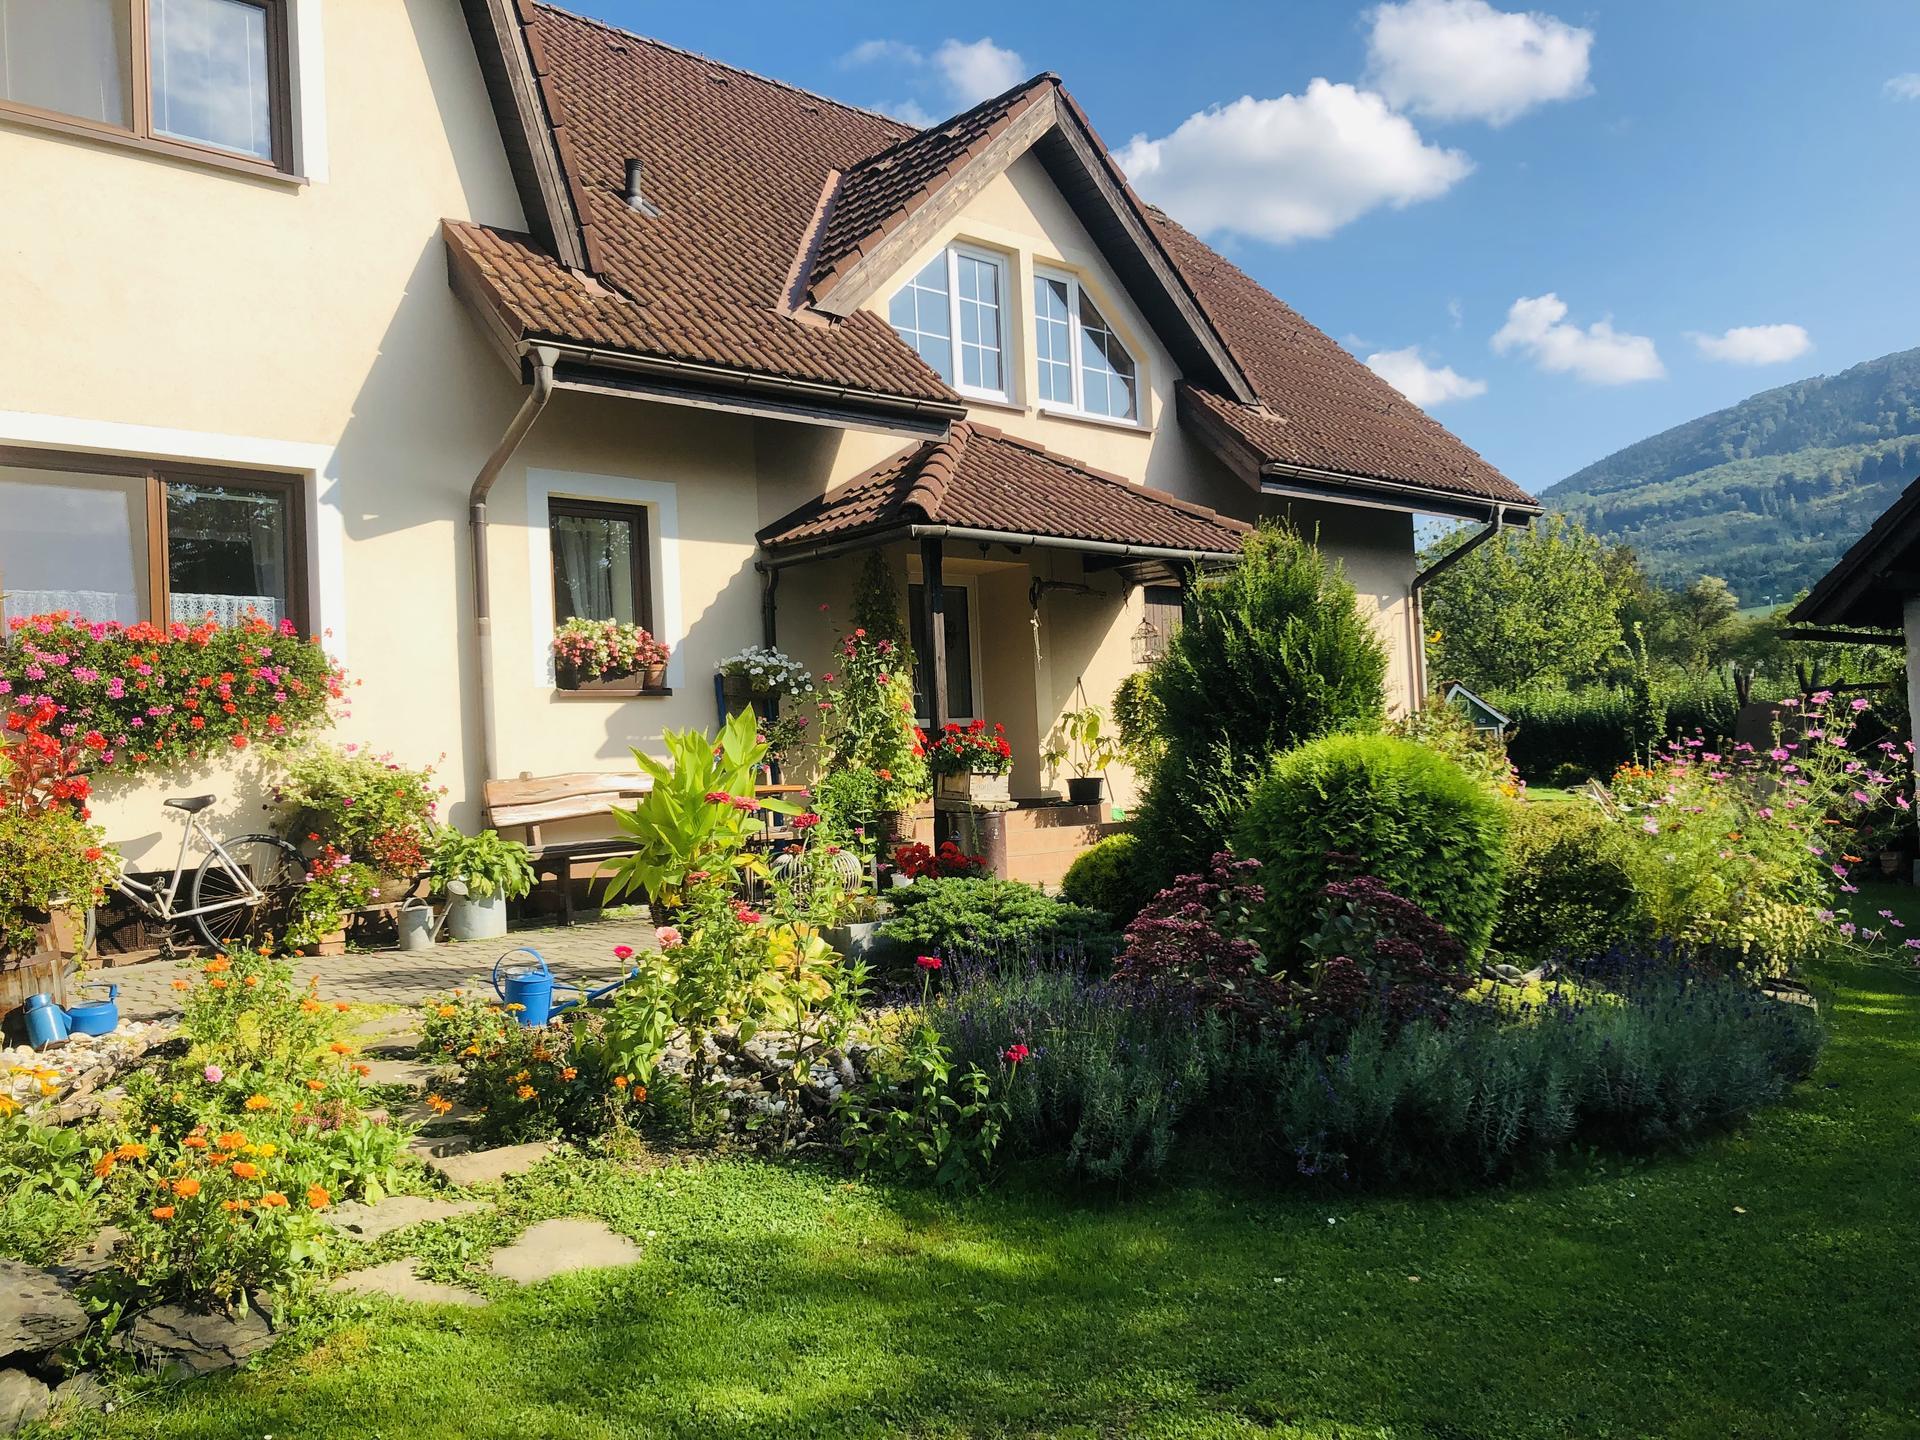 U nás doma a na zahradě 2021 - Obrázek č. 106